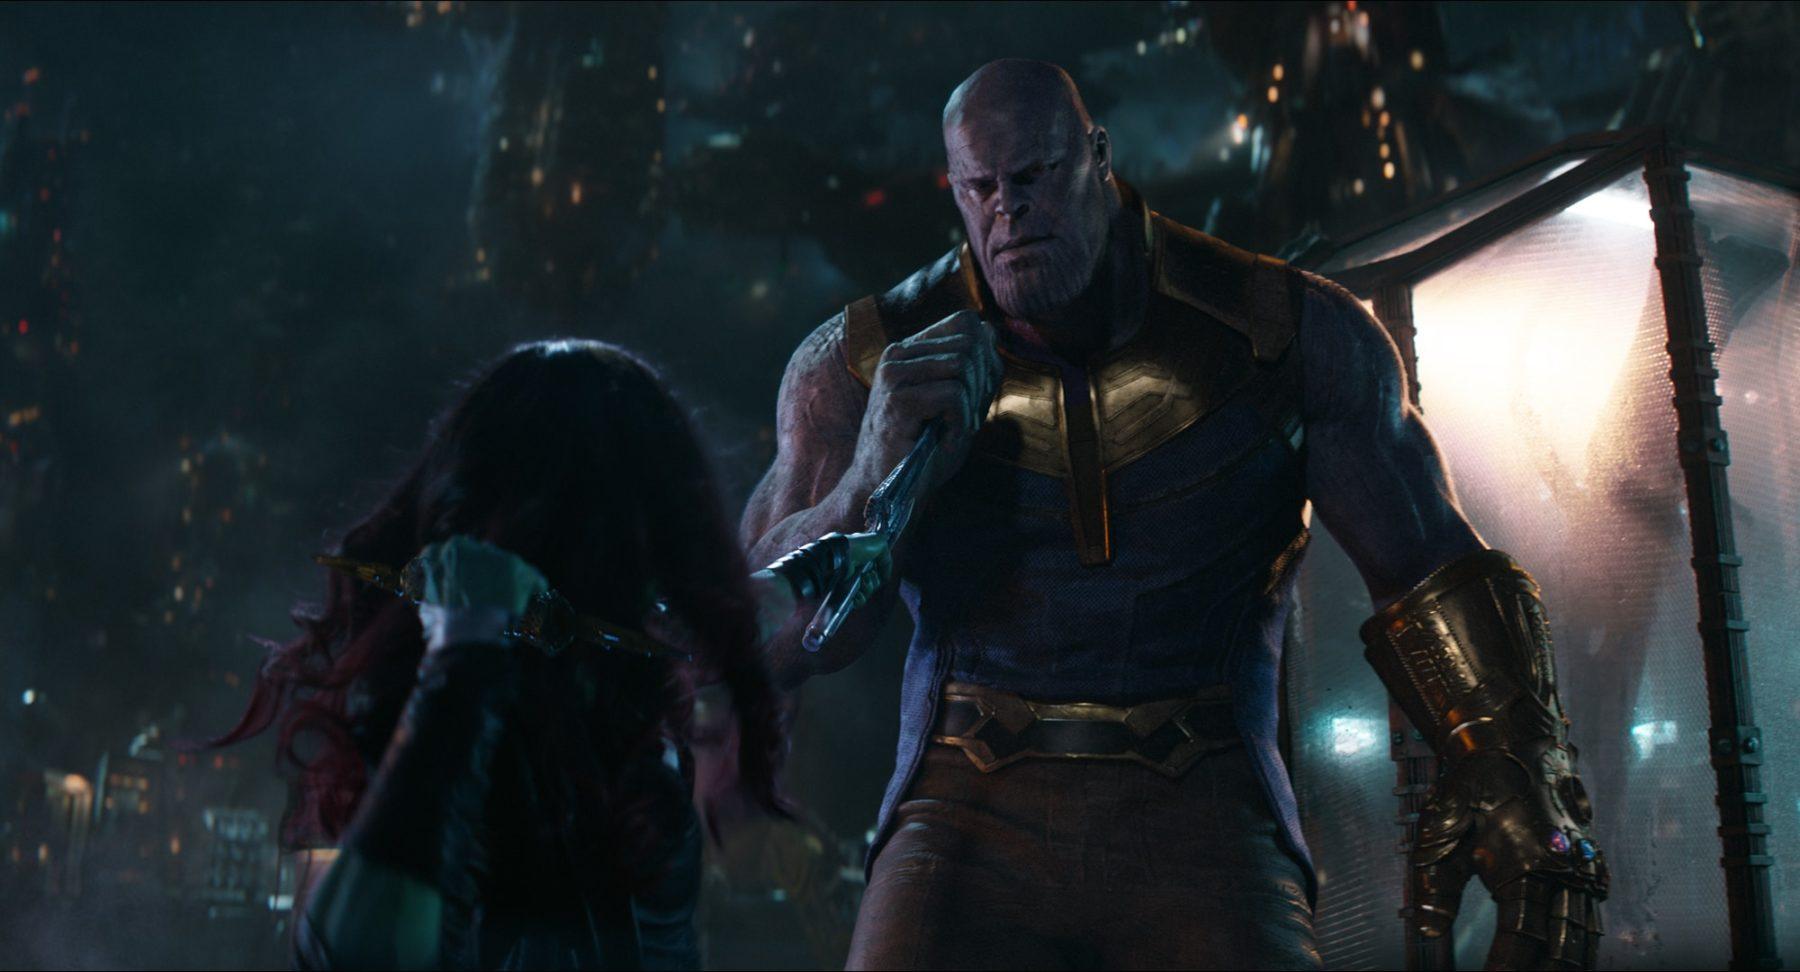 El Hobbit y Benedict Cumberbatch ayudaron a convencer a Josh Brolin de interpretar a Thanos en el MCU